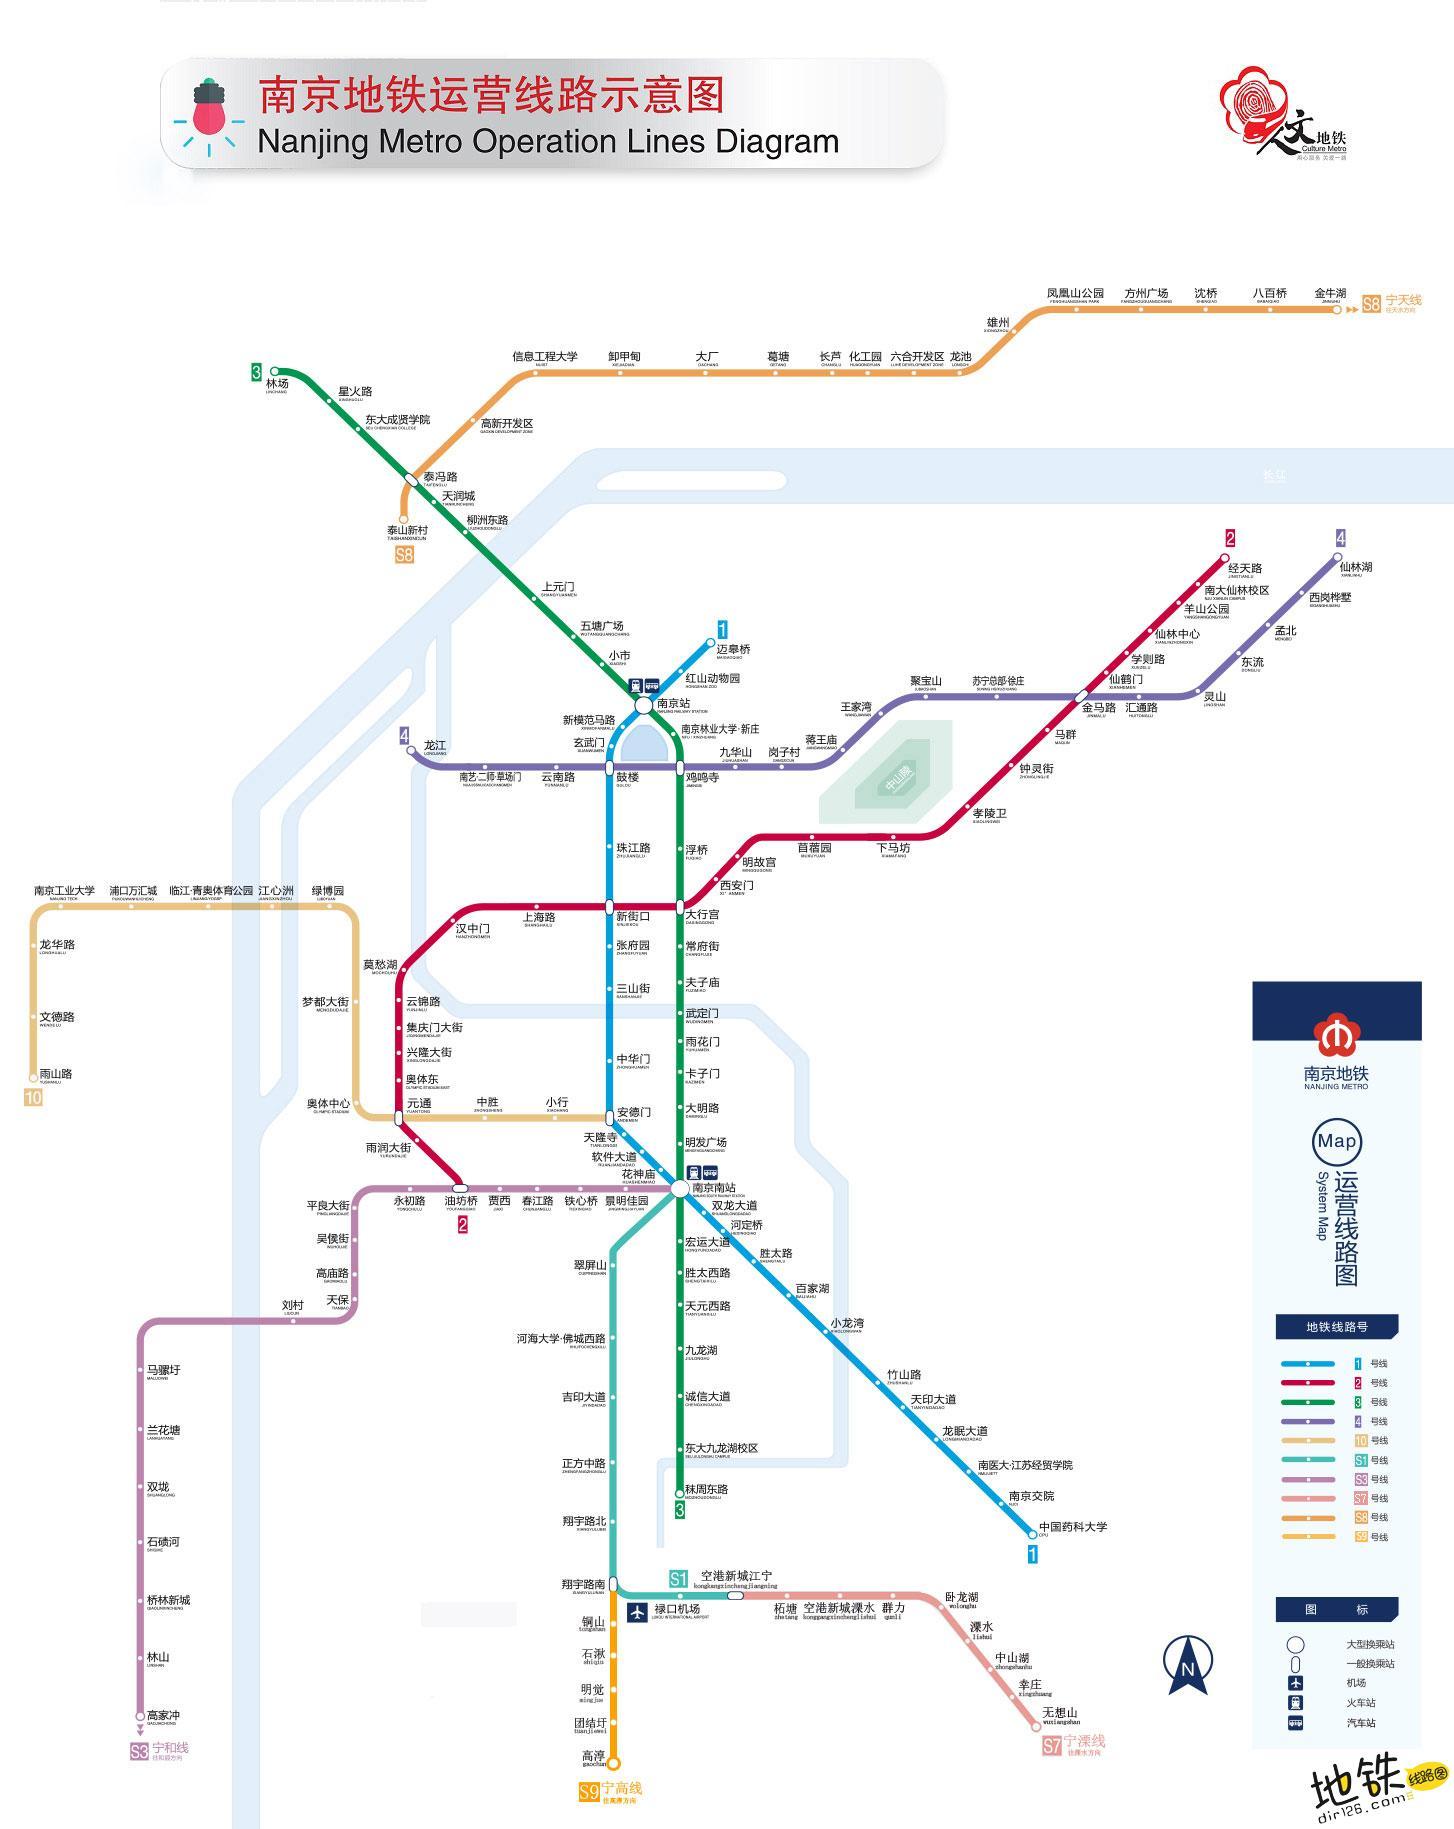 南京地铁线路图 运营时间票价站点 查询下载 南京地铁线路图 南京地铁票价 南京地铁运营时间 南京地铁 南京地铁线路图  第1张